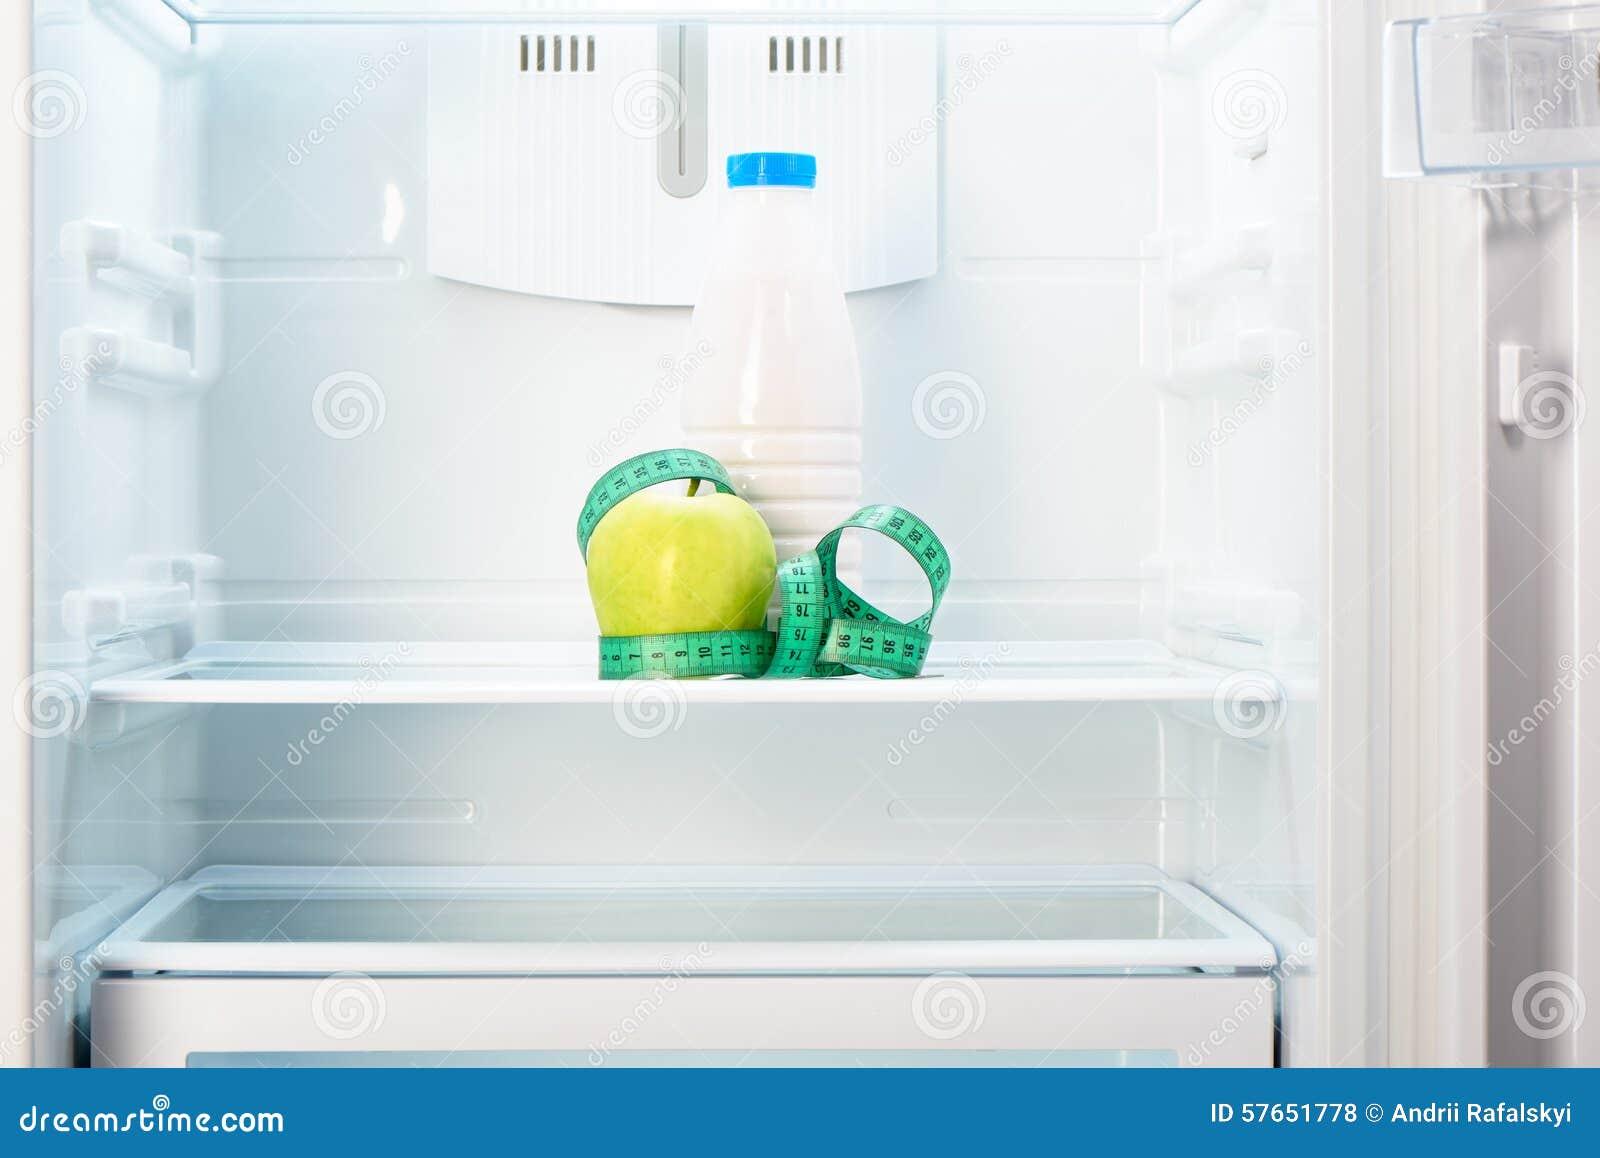 Apple z pomiarową taśmą i butelką na półce chłodziarka